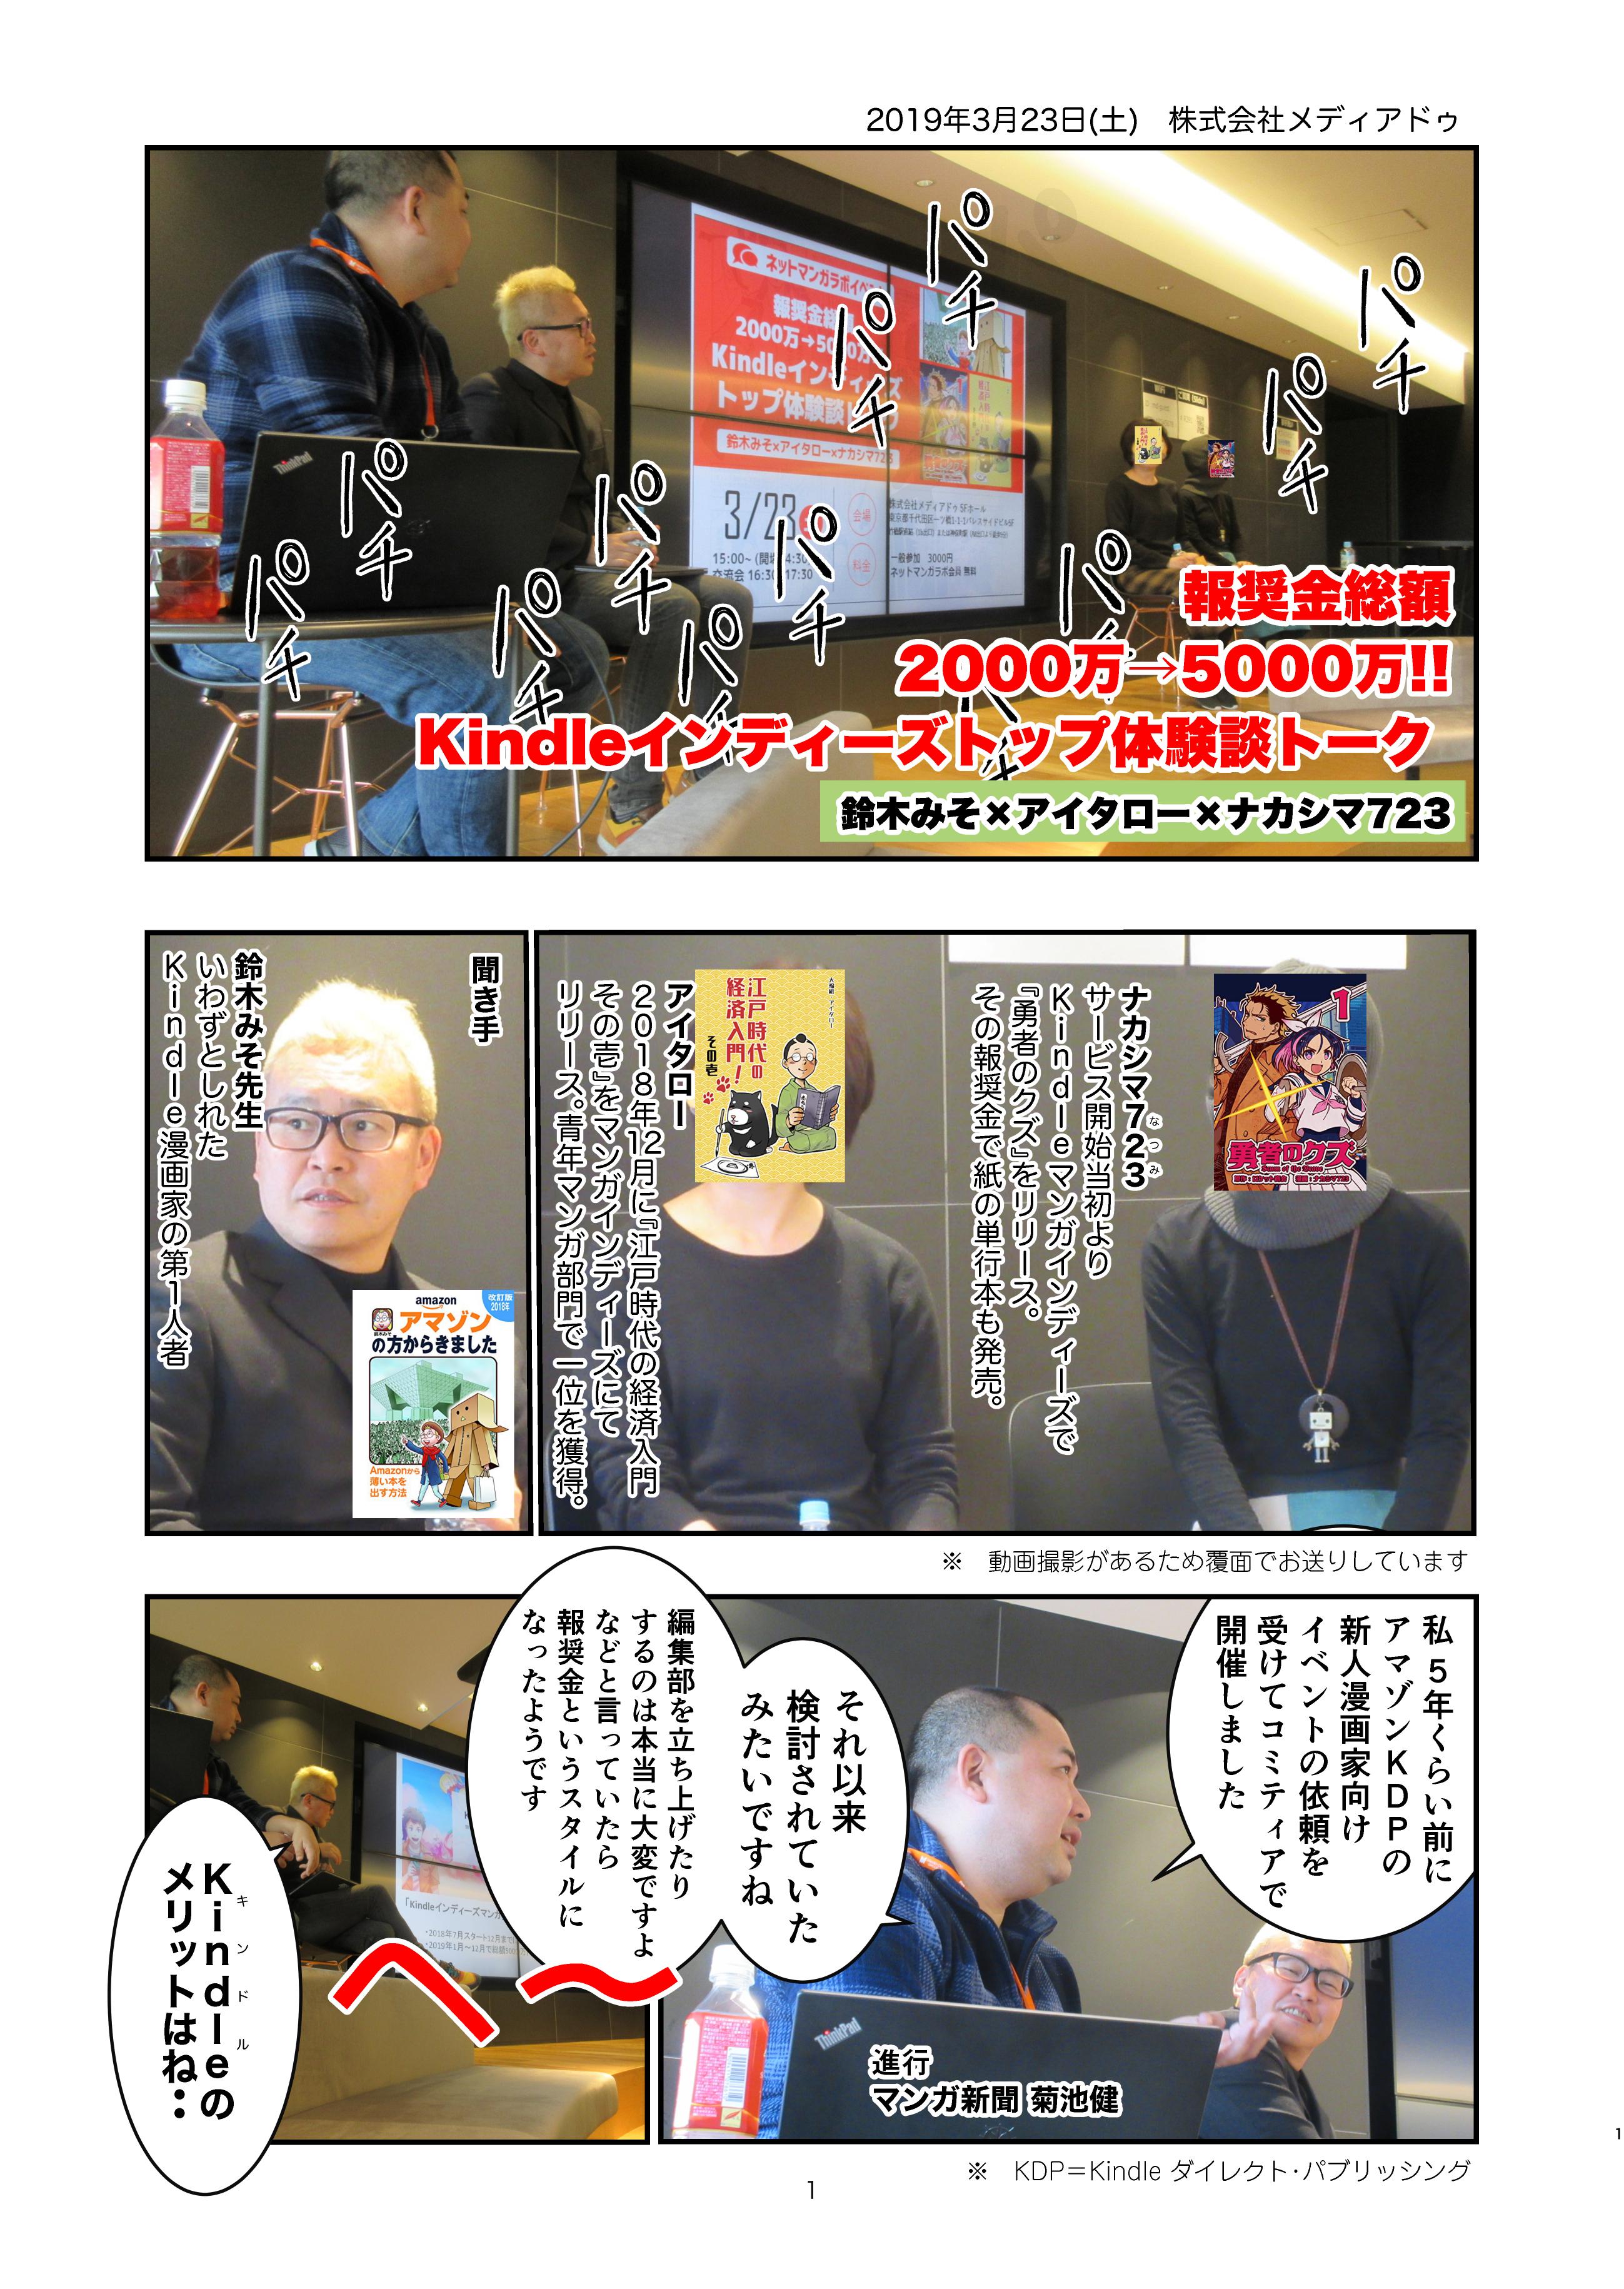 【大福組】アイタロー氏登壇!kindleインディーズトップ体験談トーク[写真レポマンガ]